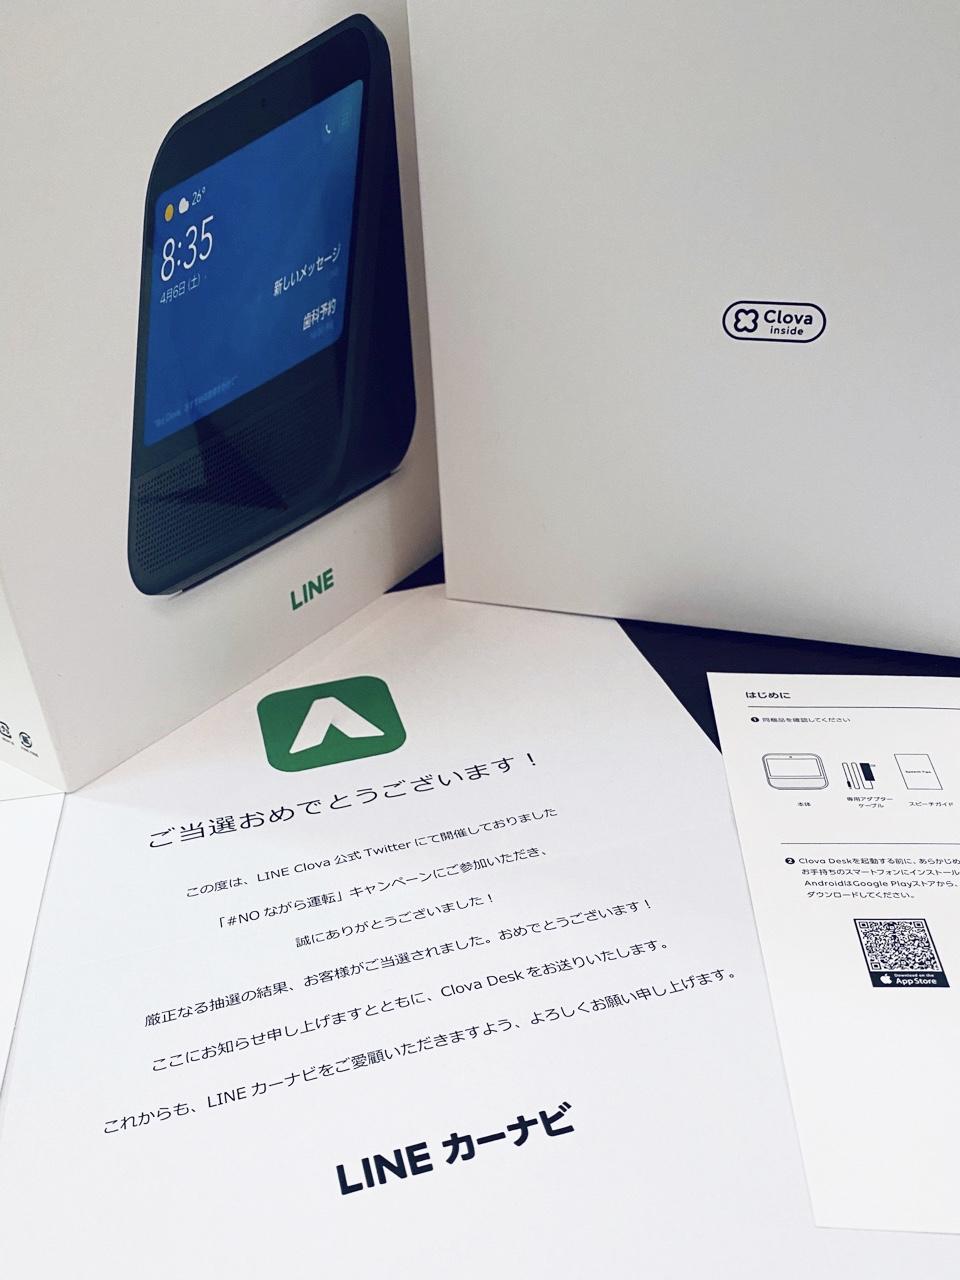 LINEカーナビ #NOながら運転 キャンペーンで当選(∩´∀`)∩ワーイ LINE Clova Desk とどいた! https://t.co/VwtQohIhMA